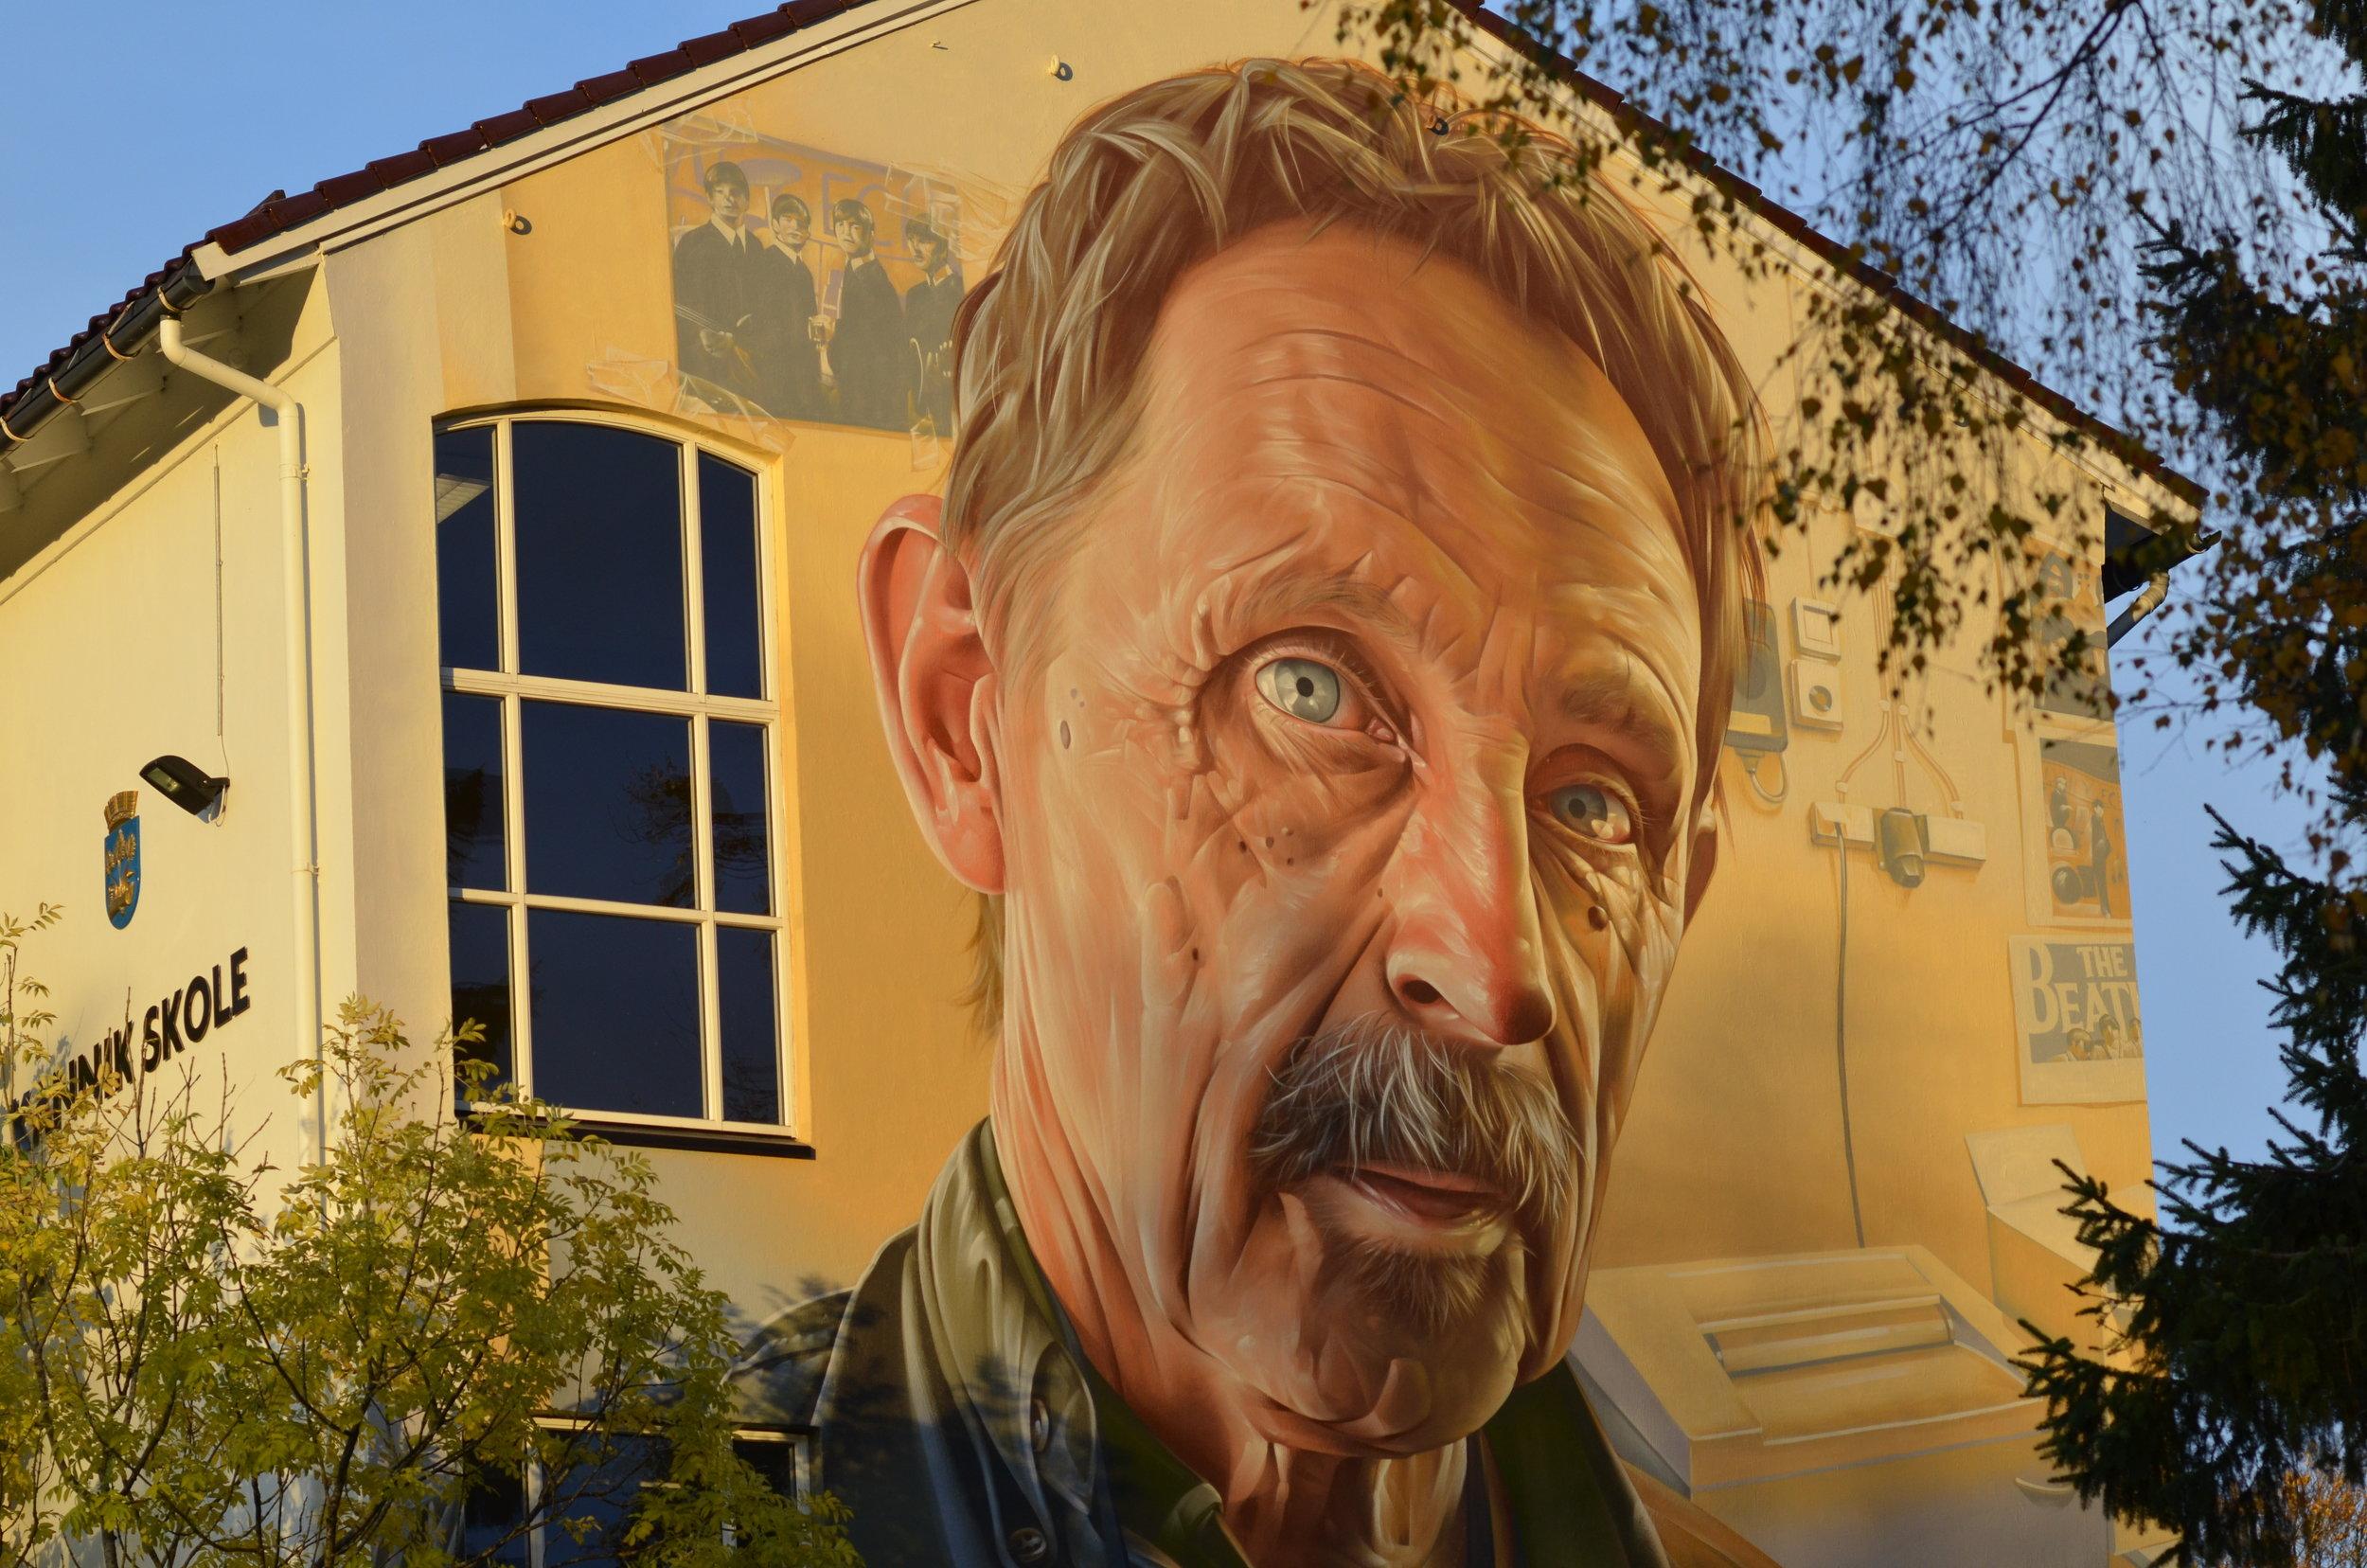 Helge Røysland jobber på Attende. Nå ruver han på et kunstverk på Kannik skole. Foto: Borghild Gudmestad